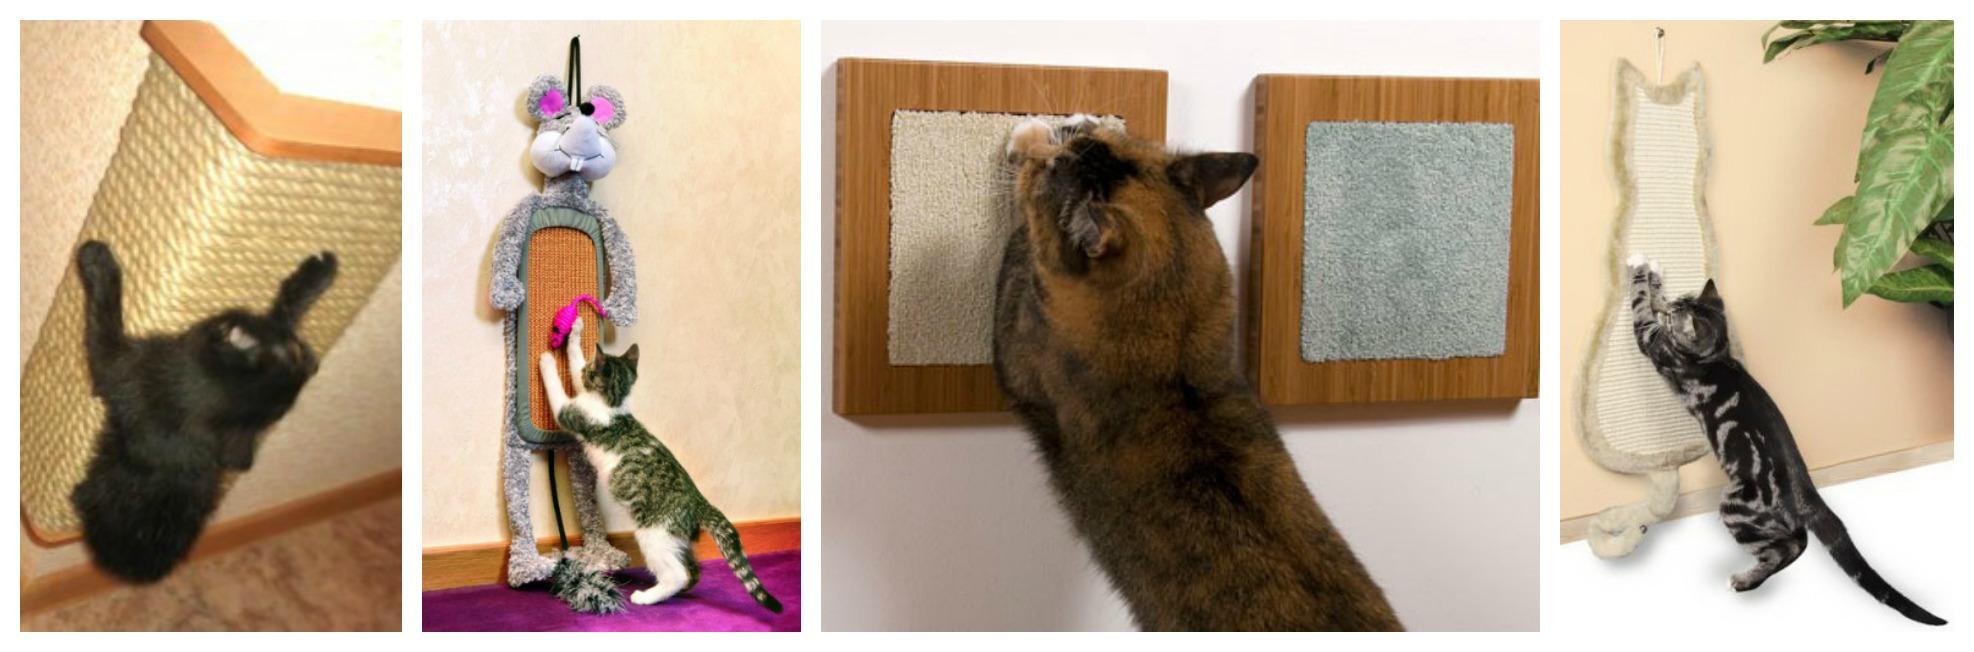 Когтеточка для кошки своими руками на стену 840